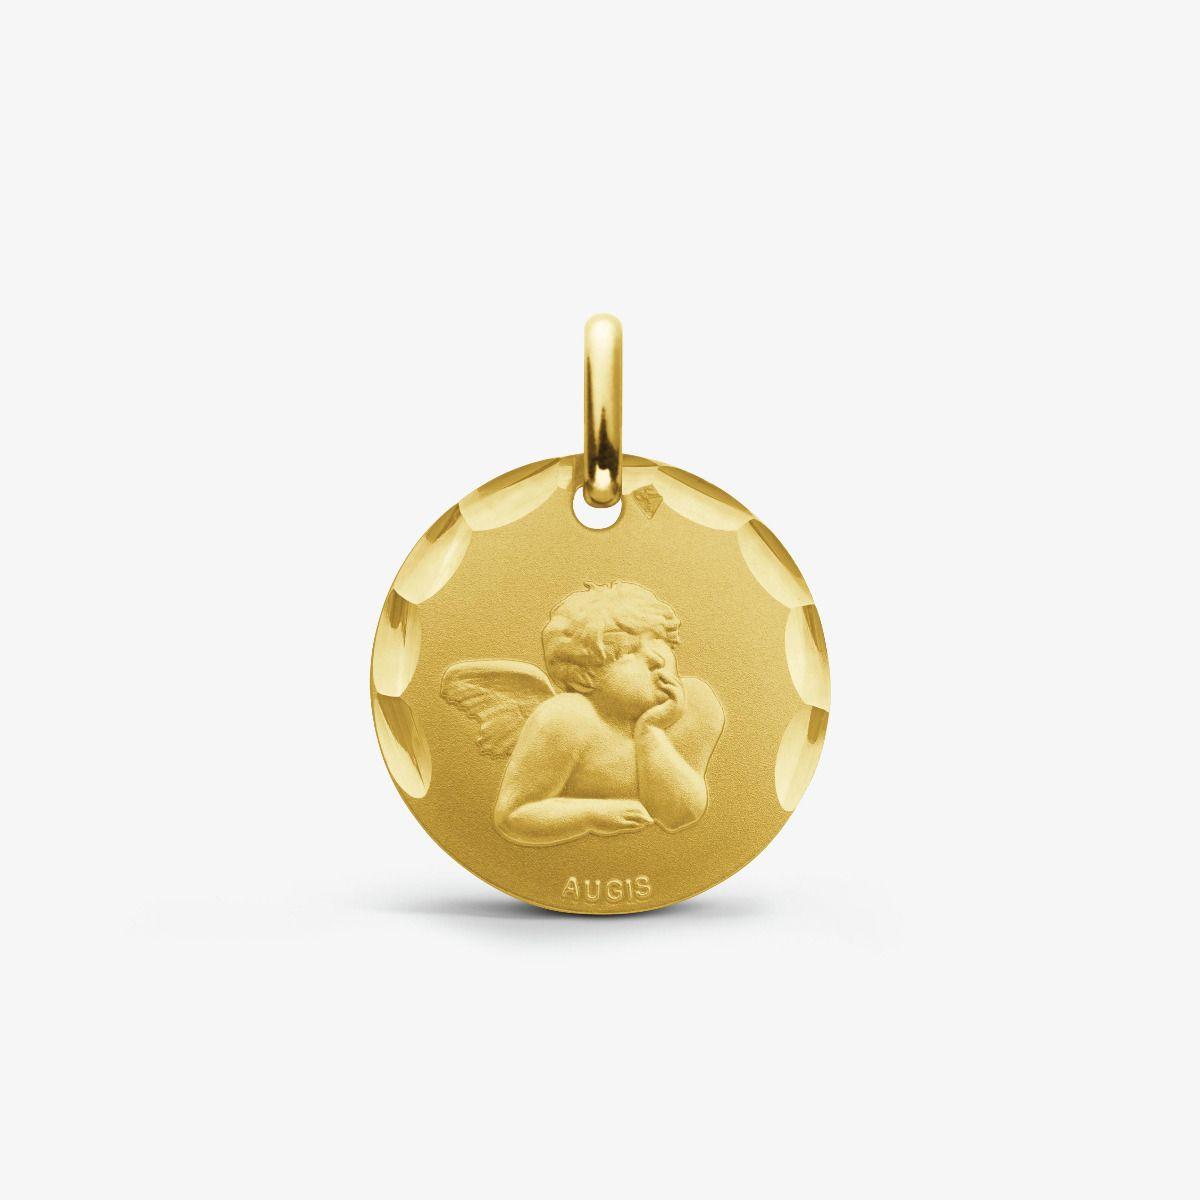 Médaille Ange de Raphaël Or Jaune 9 carats - 16 mm